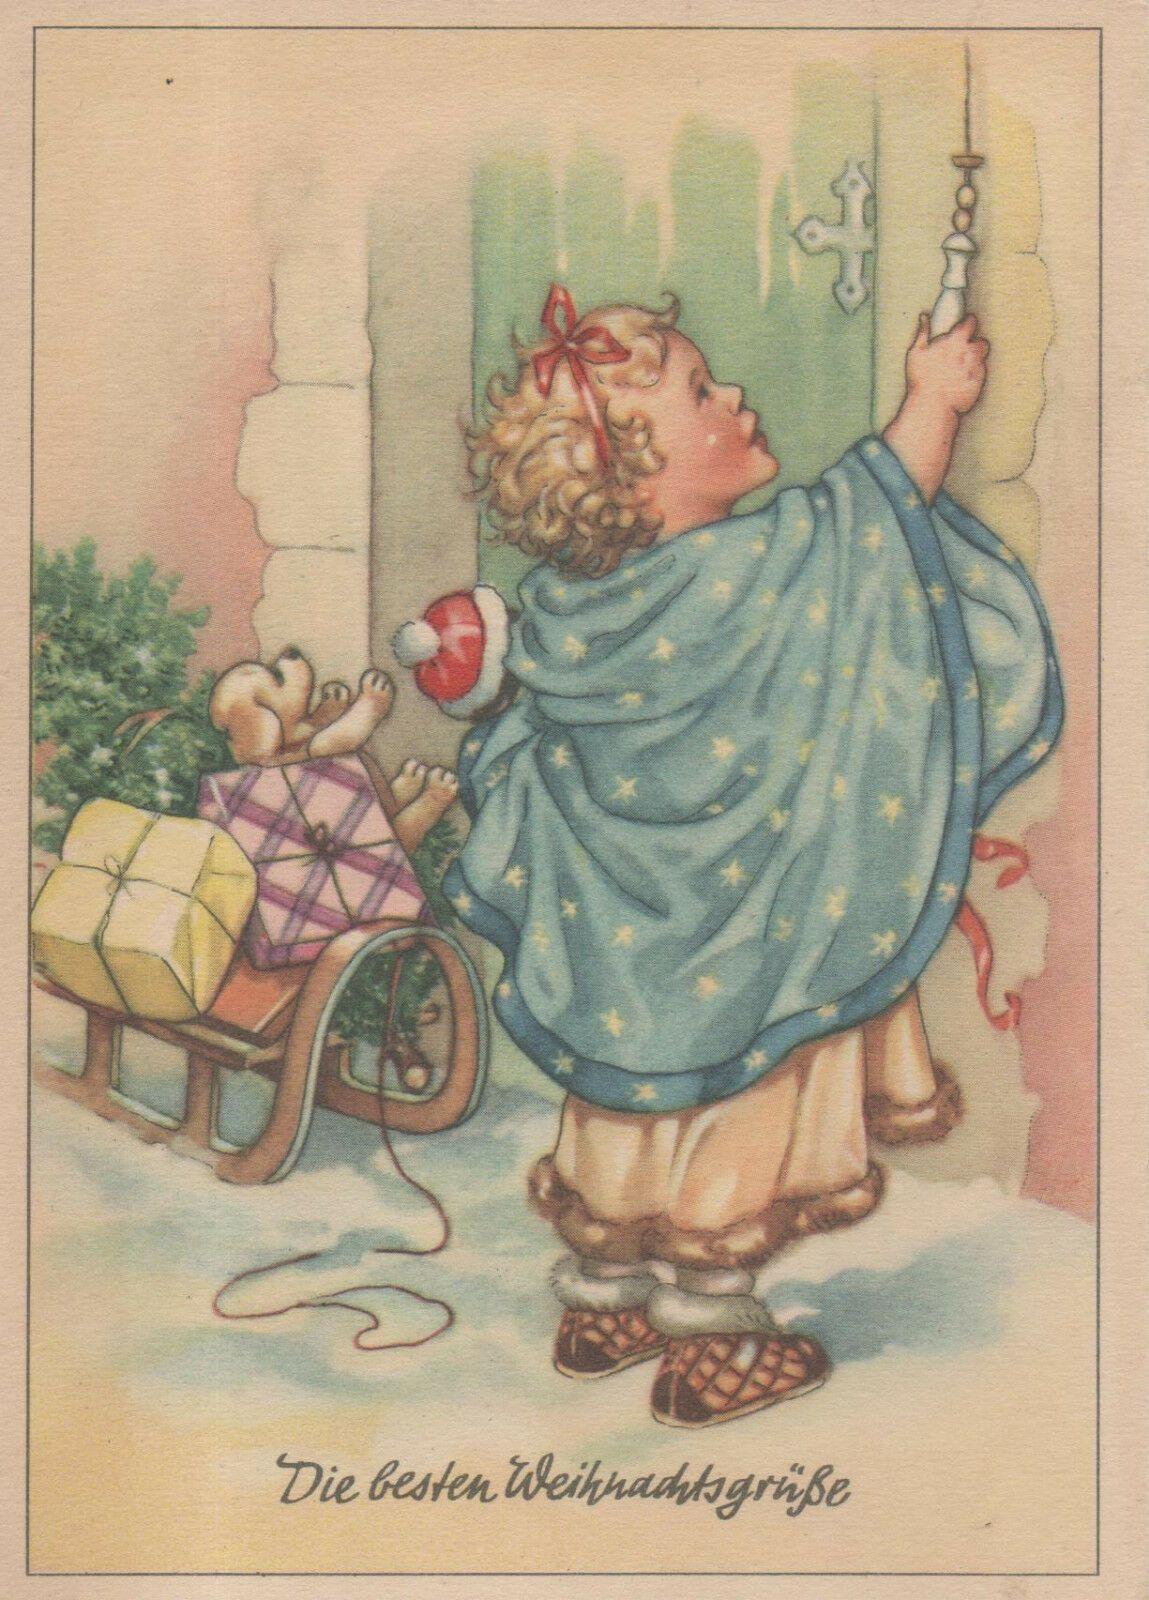 Weihnachtsgrüße Christkind.Weihnachten 1950 Christkind Kind An Tür Schlitten Geschenke Hund